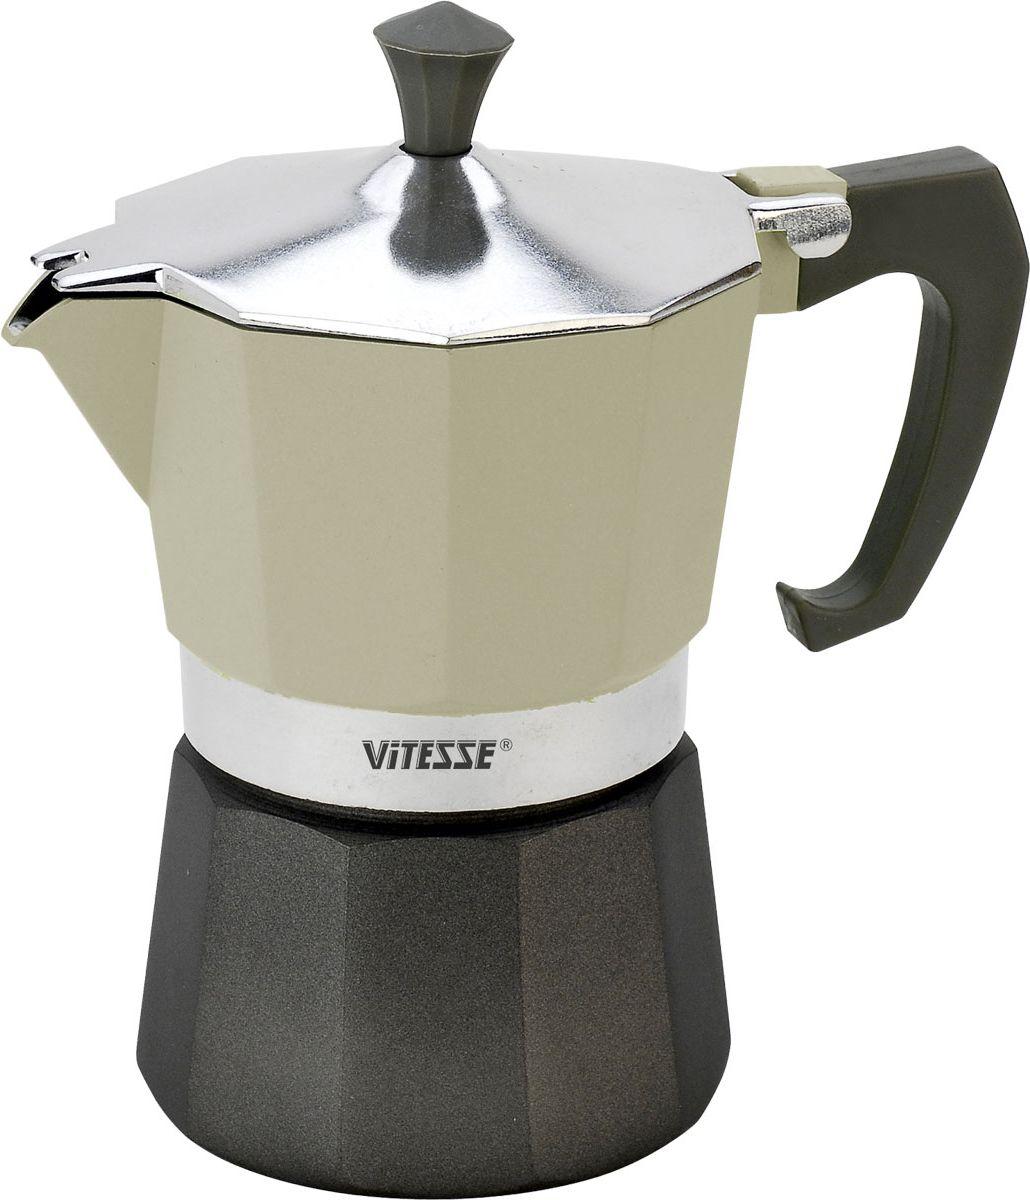 Кофеварка-эспрессо Vitesse на 3 чашки, цвет: белыйVS-2604-whiteТеперь и дома вы сможете насладиться великолепным эспрессо благодаря кофеварке Vitesse, которая позволит вам приготовить ароматный напиток на 3 персоны. Новый стильный дизайн компактной кофеварки станет ярким элементом интерьера вашего дома!Корпус кофеварки изготовлен из высококачественного алюминия, ручка - жаропрочная бакелитовая. Кофеварка состоит из двух соединенных между собой емкостей. В нижнюю емкость наливается вода, в эту же емкость устанавливается фильтр-сифон, в который засыпается кофе. К нижней емкости прикручивается верхняя емкость, после чего кофеварка ставится на электроплитку, и через несколько минут кофе начинает брызгать в верхний контейнер и осаждаться. Кофе получается крепкий и насыщенный.Инструкция по эксплуатации кофеварки прилагается. Можно мыть в посудомоечной машине. Характеристики:Материал:высококачественный алюминий, пластик. Высота кофеварки:15,5 см. Диаметр кофеварки по верхнему краю:8,5 см. Диаметр основания:9 см.Рабочий объем: 105 мл.Размер упаковки:16,5 см х 13,5 см х 10 см.Изготовитель:Китай. Артикул:VS-2604. Посуда Vitesse обладает выдающимися функциональными свойствами. Легкие в уходе кастрюли и сковородки имеют плотно закрывающиеся крышки, которые дают возможность готовить с малым количеством воды и экономией энергии, и идеально подходят для всех видов плит: газовых, электрических, стеклокерамических и индукционных. Конструкция дна посуды гарантирует быстрое поглощение тепла, его равномерное распределение и сохранение. Великолепно отполированная поверхность, а также многочисленные конструктивные новшества, заложенные во все изделия Vitesse, позволит Вам открыть новые горизонты приготовления уже знакомых блюд. Для производства посуды Vitesseиспользуются только высококачественные материалы, которые соответствуют международным стандартам.